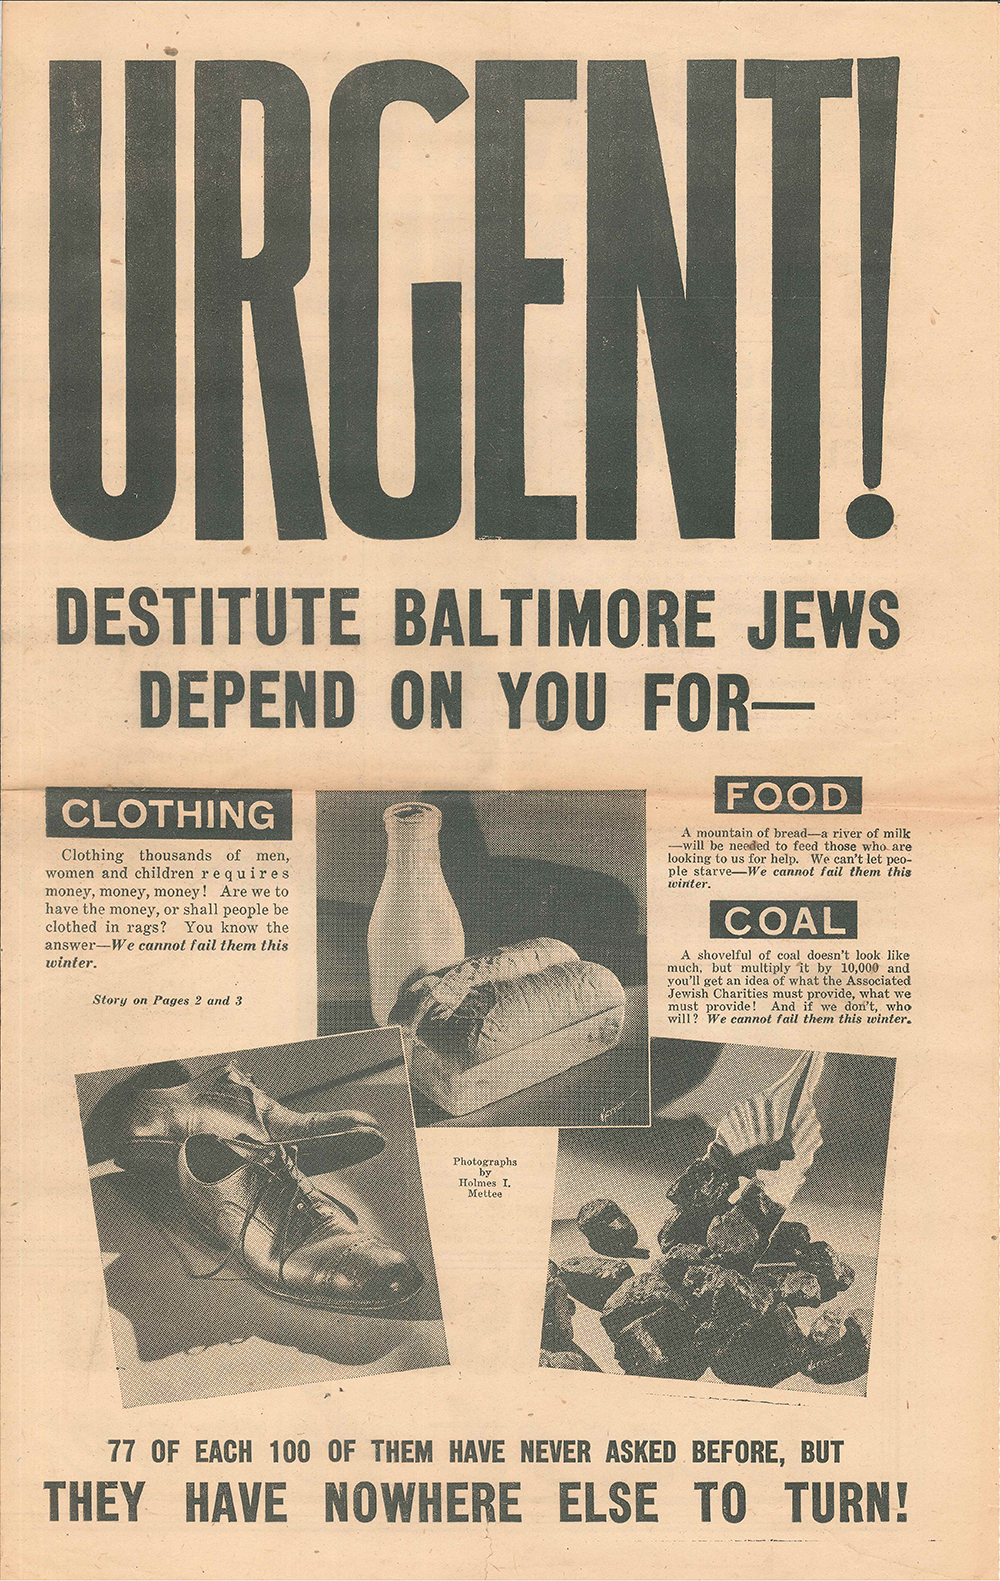 1931 image